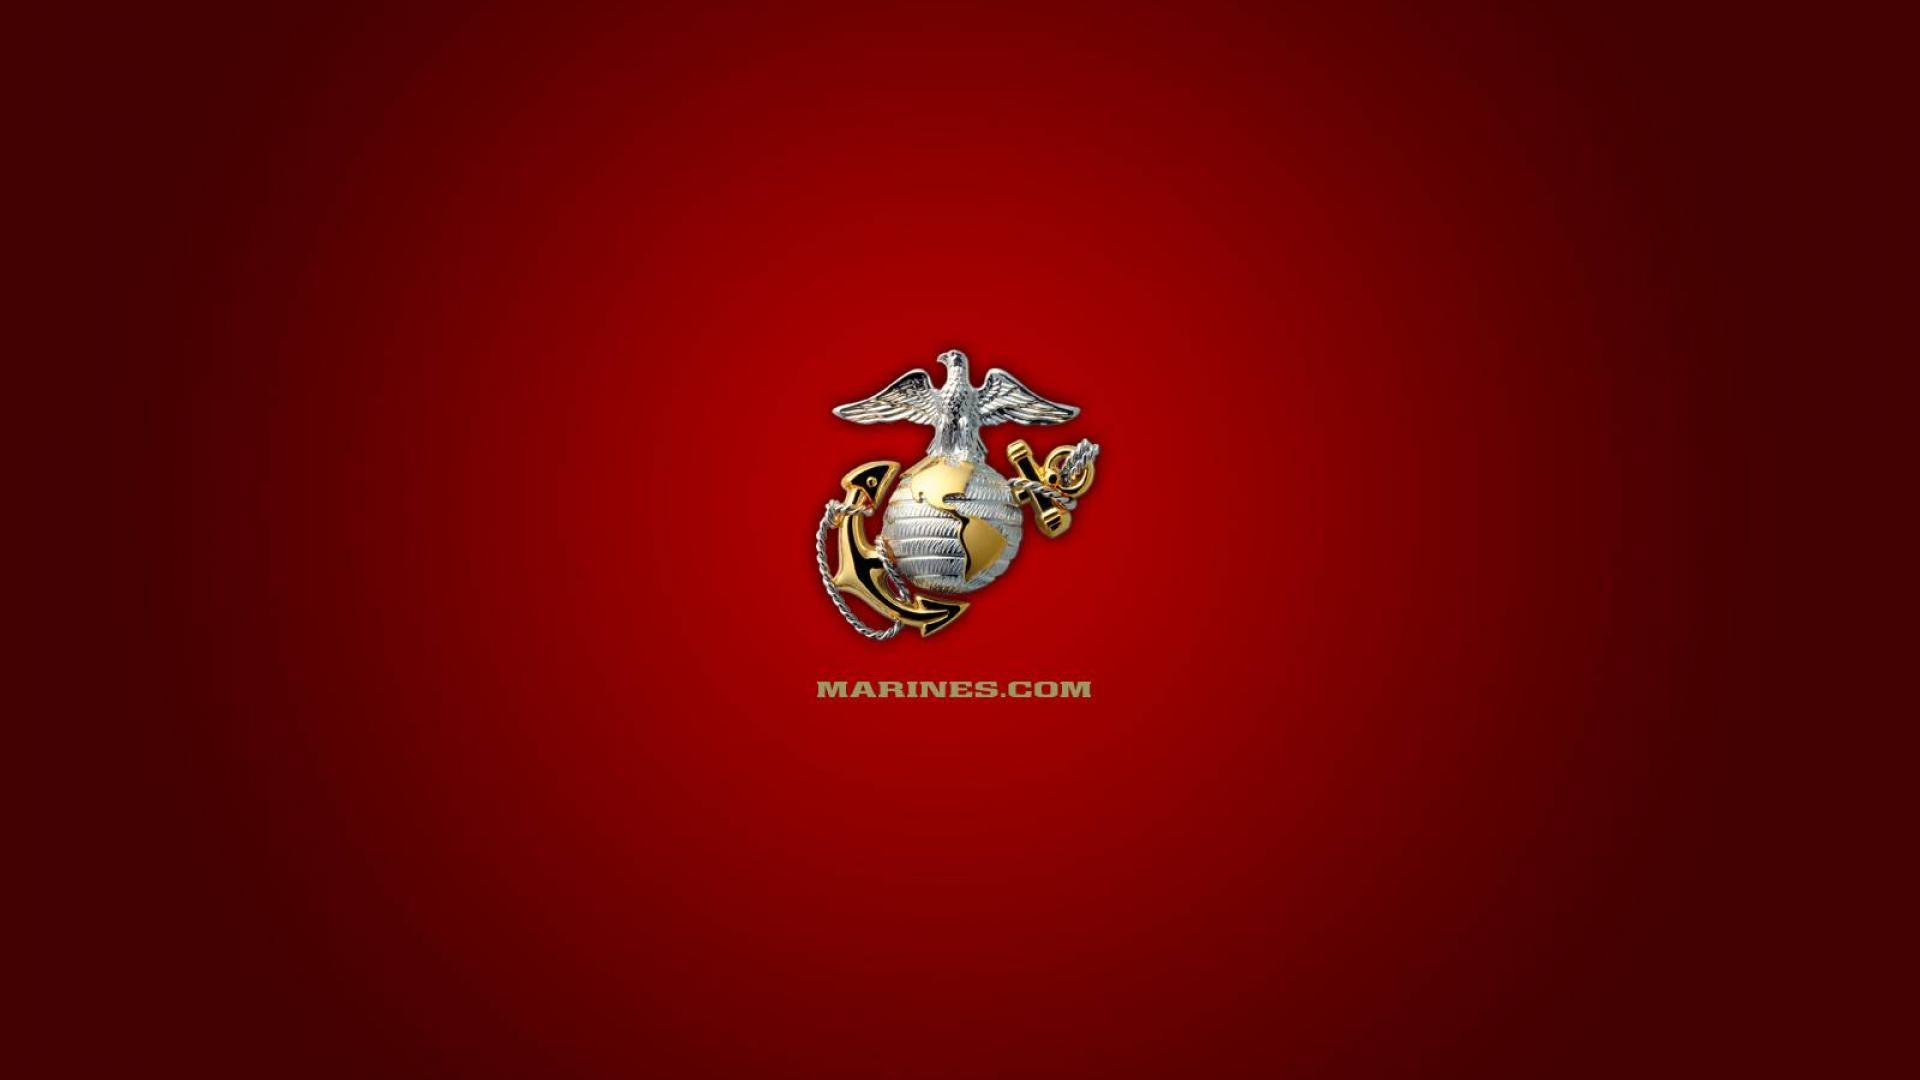 Marines ega wallpaper HQ WALLPAPER 14324 1920x1080